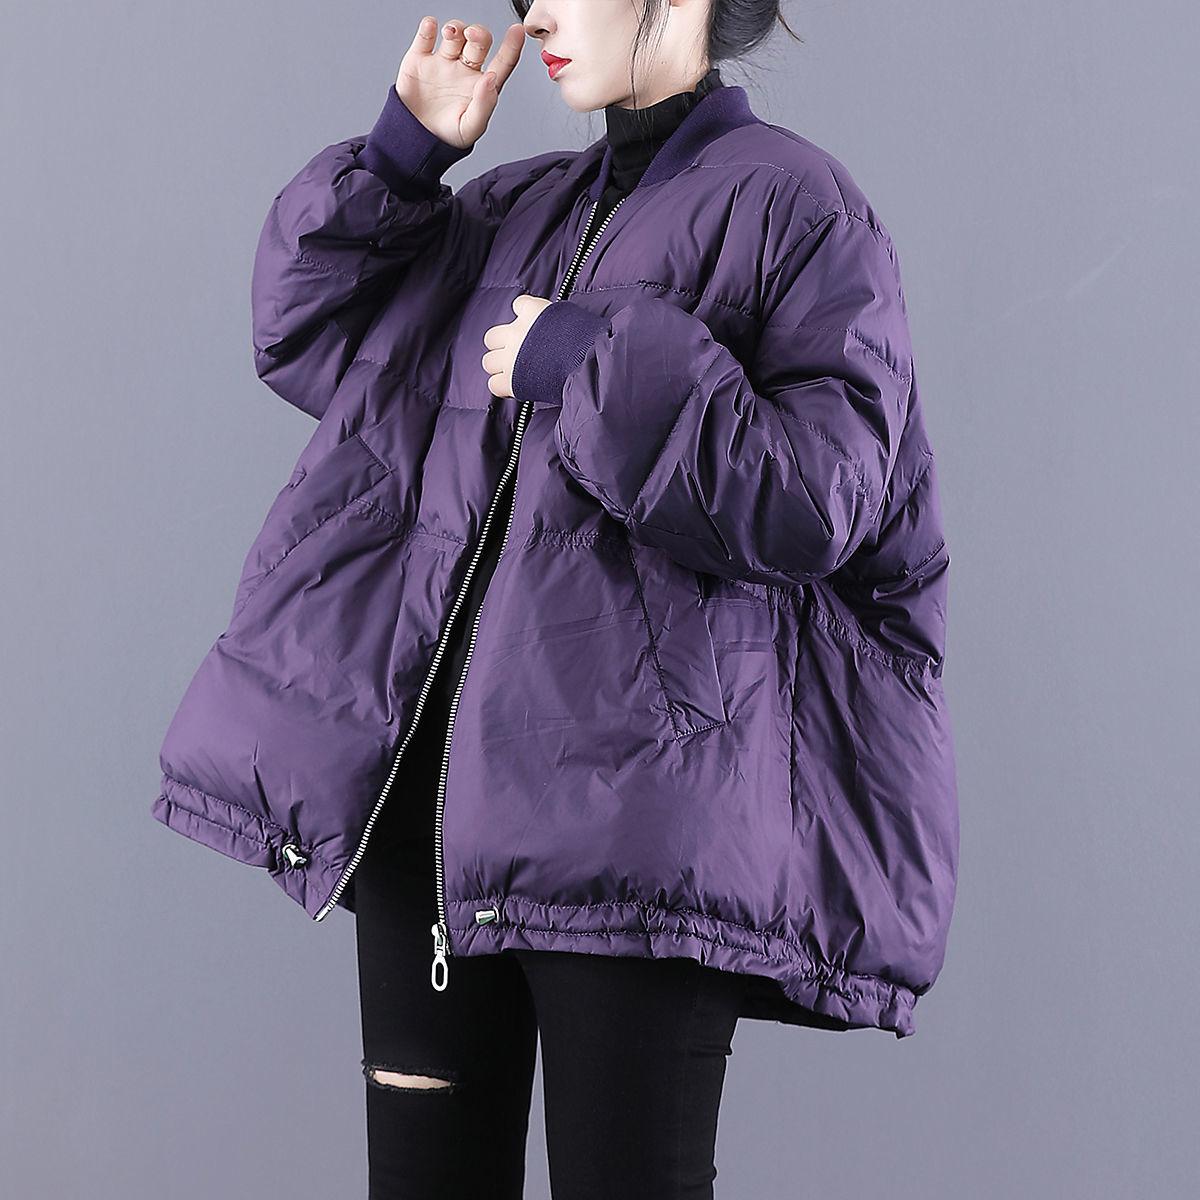 戈米缇羽绒服外套女2021冬季新款宽松大码短款棒球服白鸭绒立领